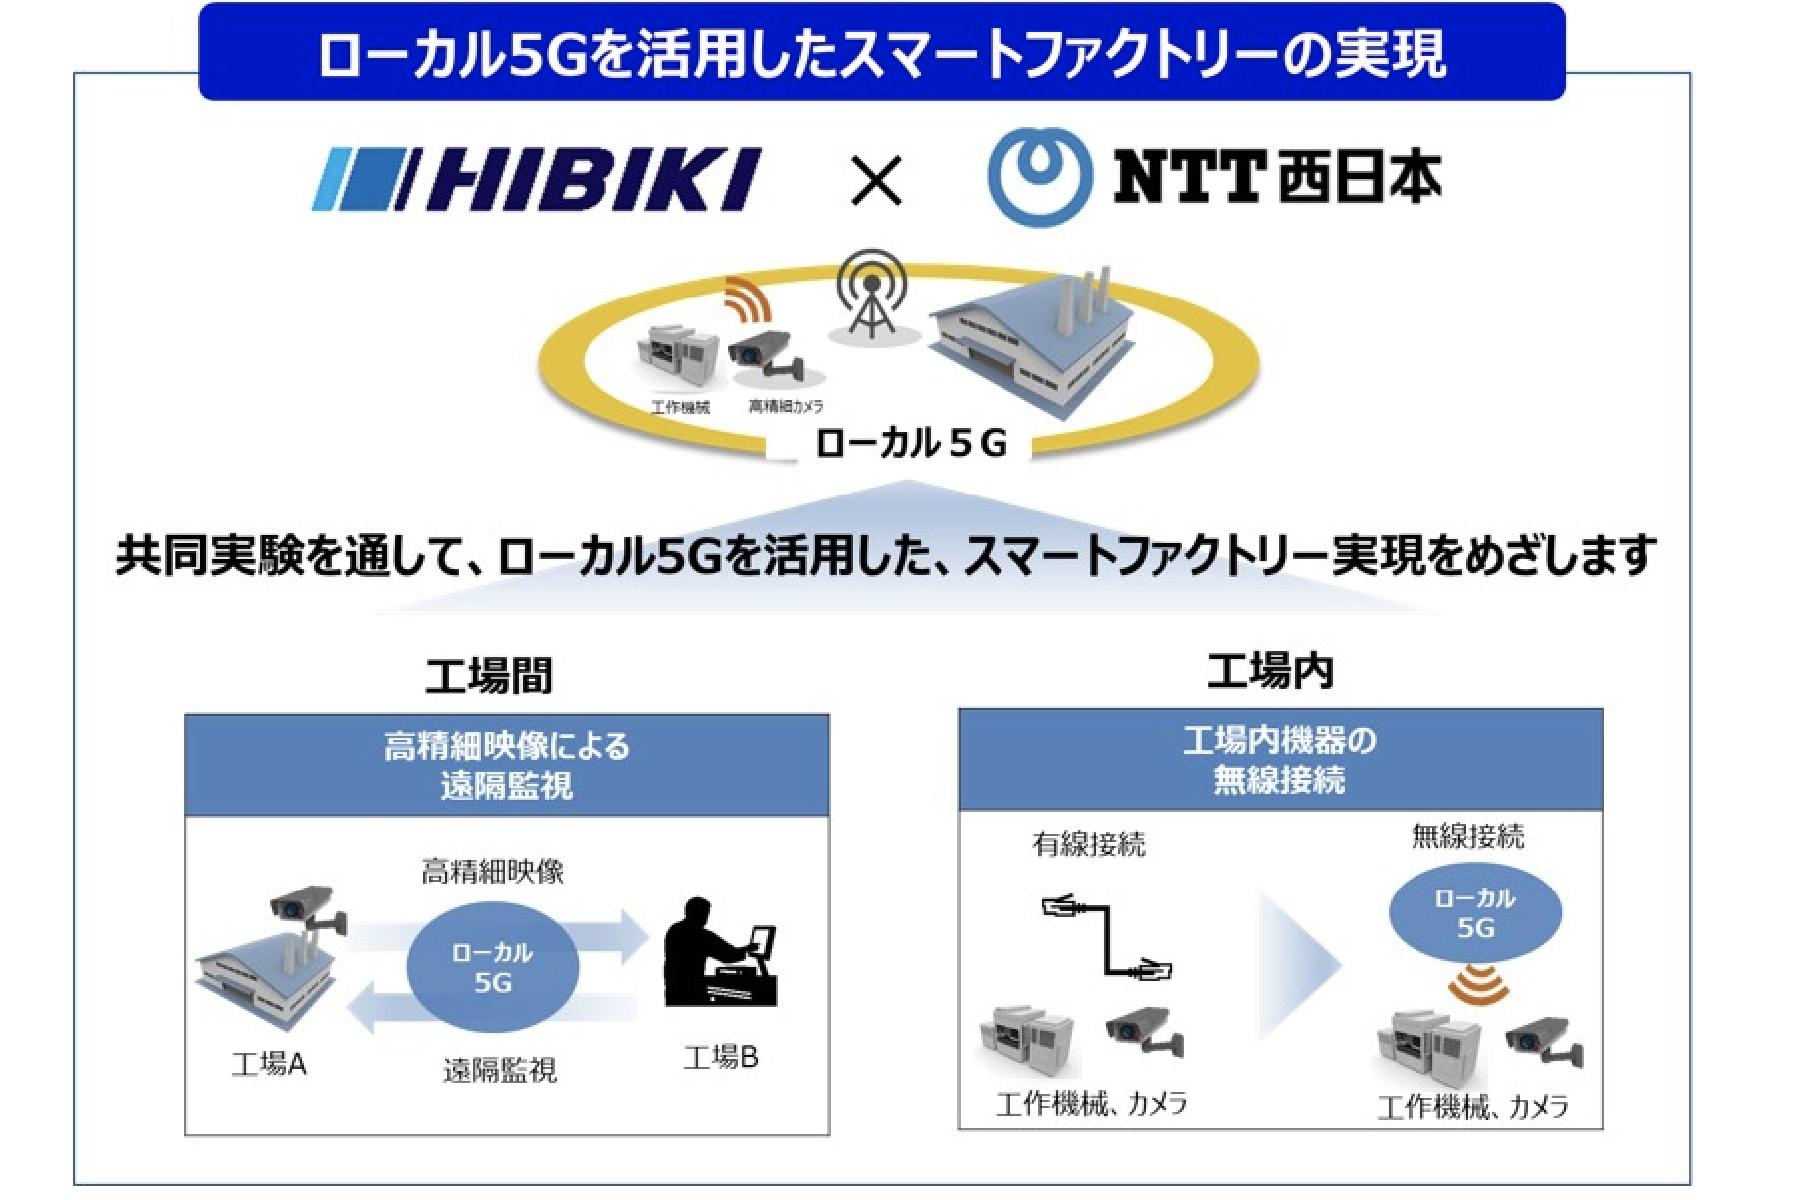 ひびき精機×NTT西日本 | スマートファクトリー実現に向けたローカル5Gの活用に関する共同実験を推進